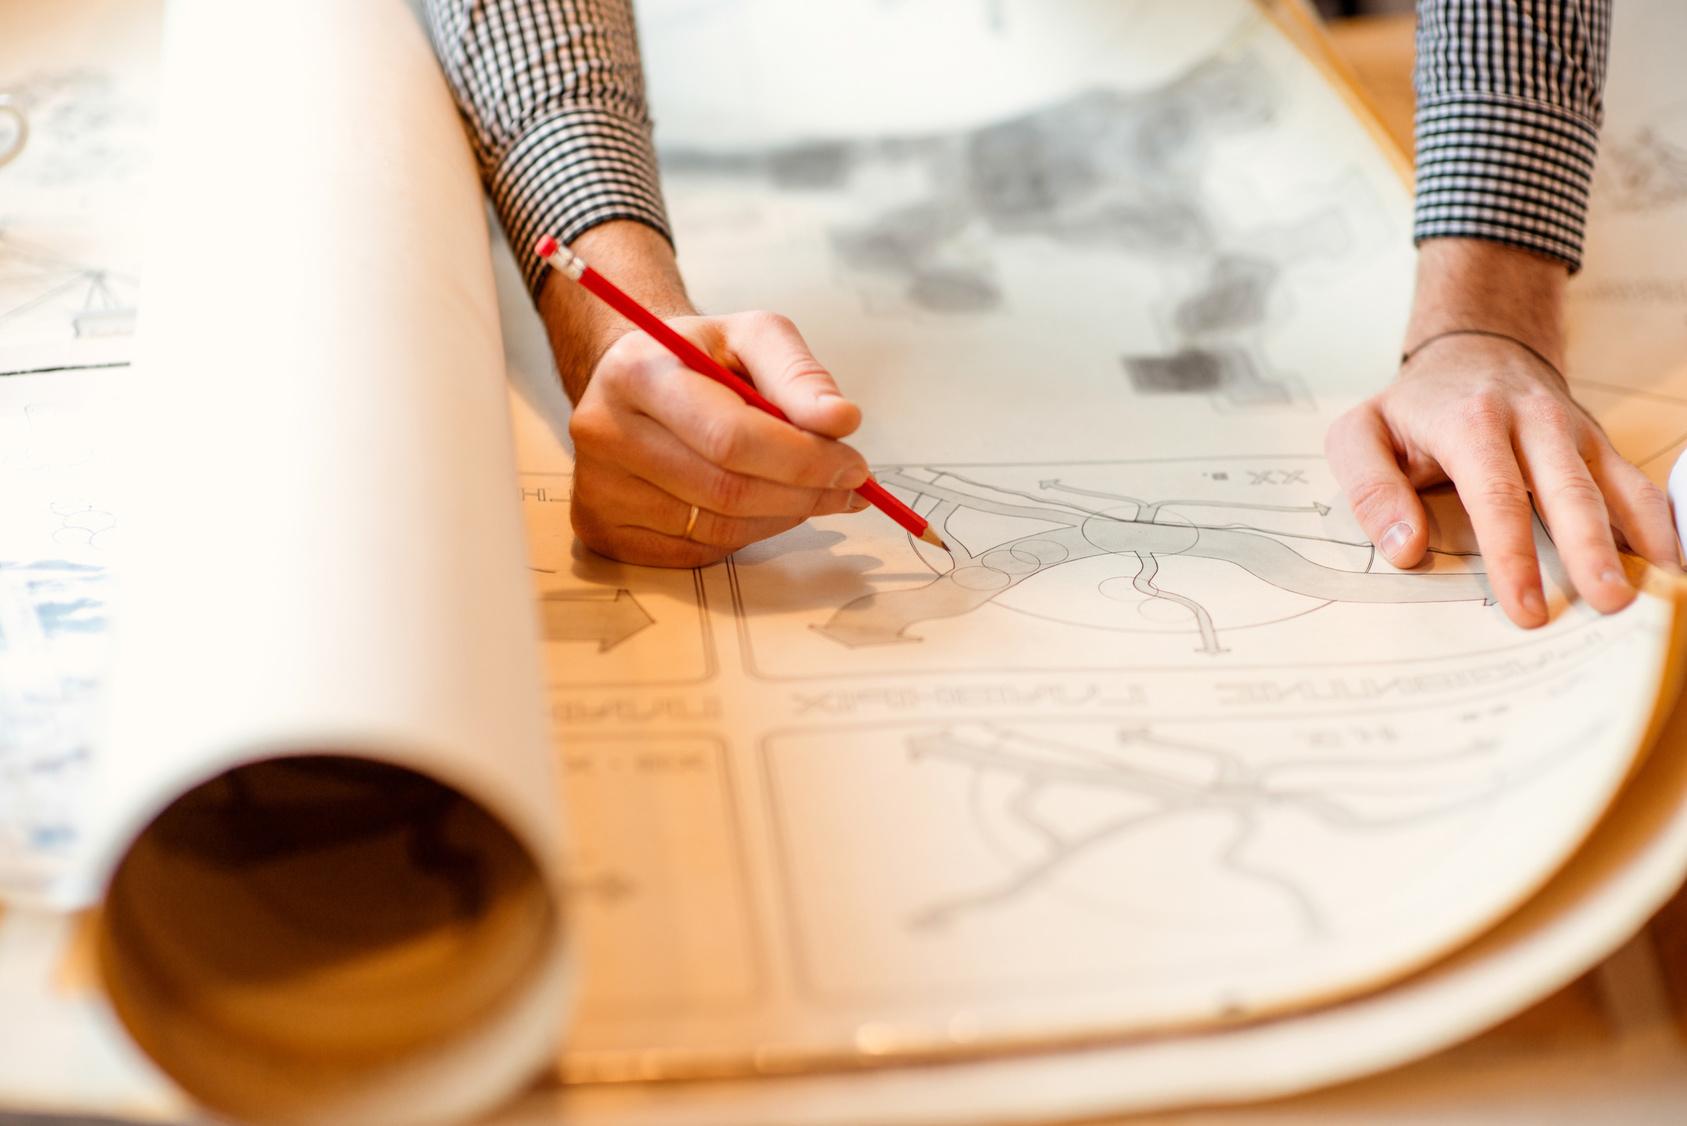 Rzowiniętaa mapa, nad nią pochylony mężczyzna, któy trzyma czerwony ołówek w ręku.